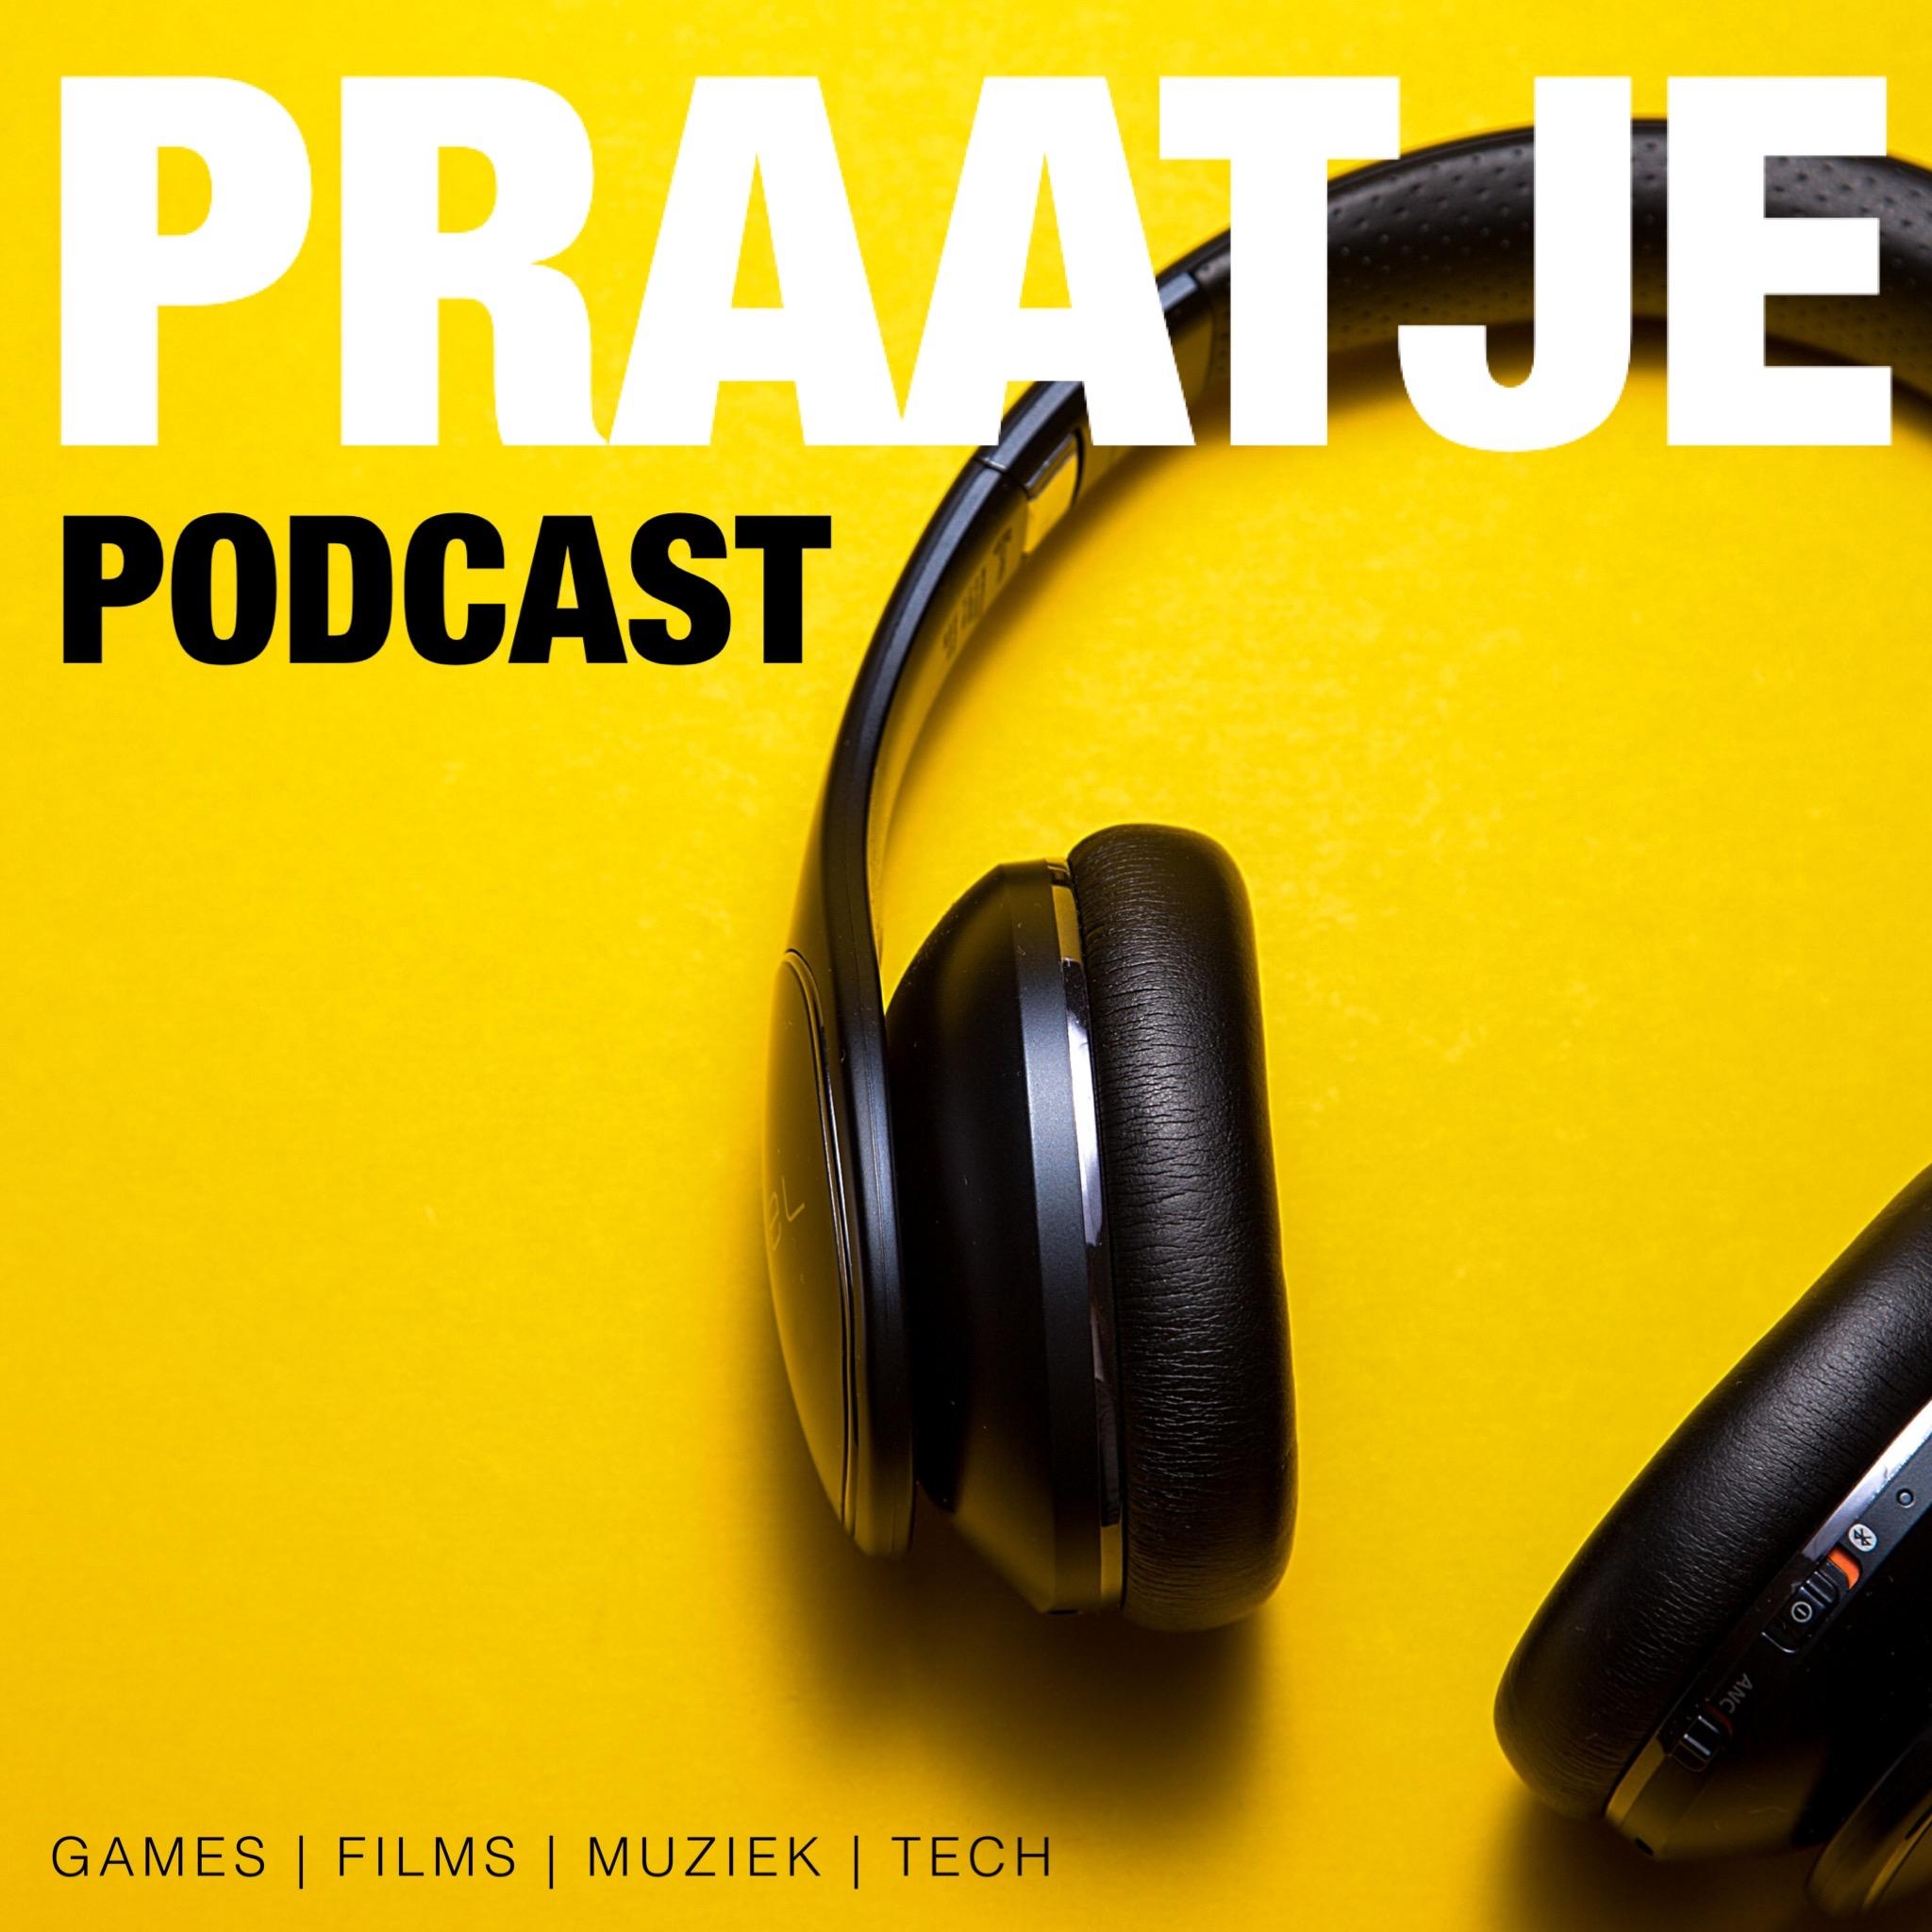 Praatje Podcast logo